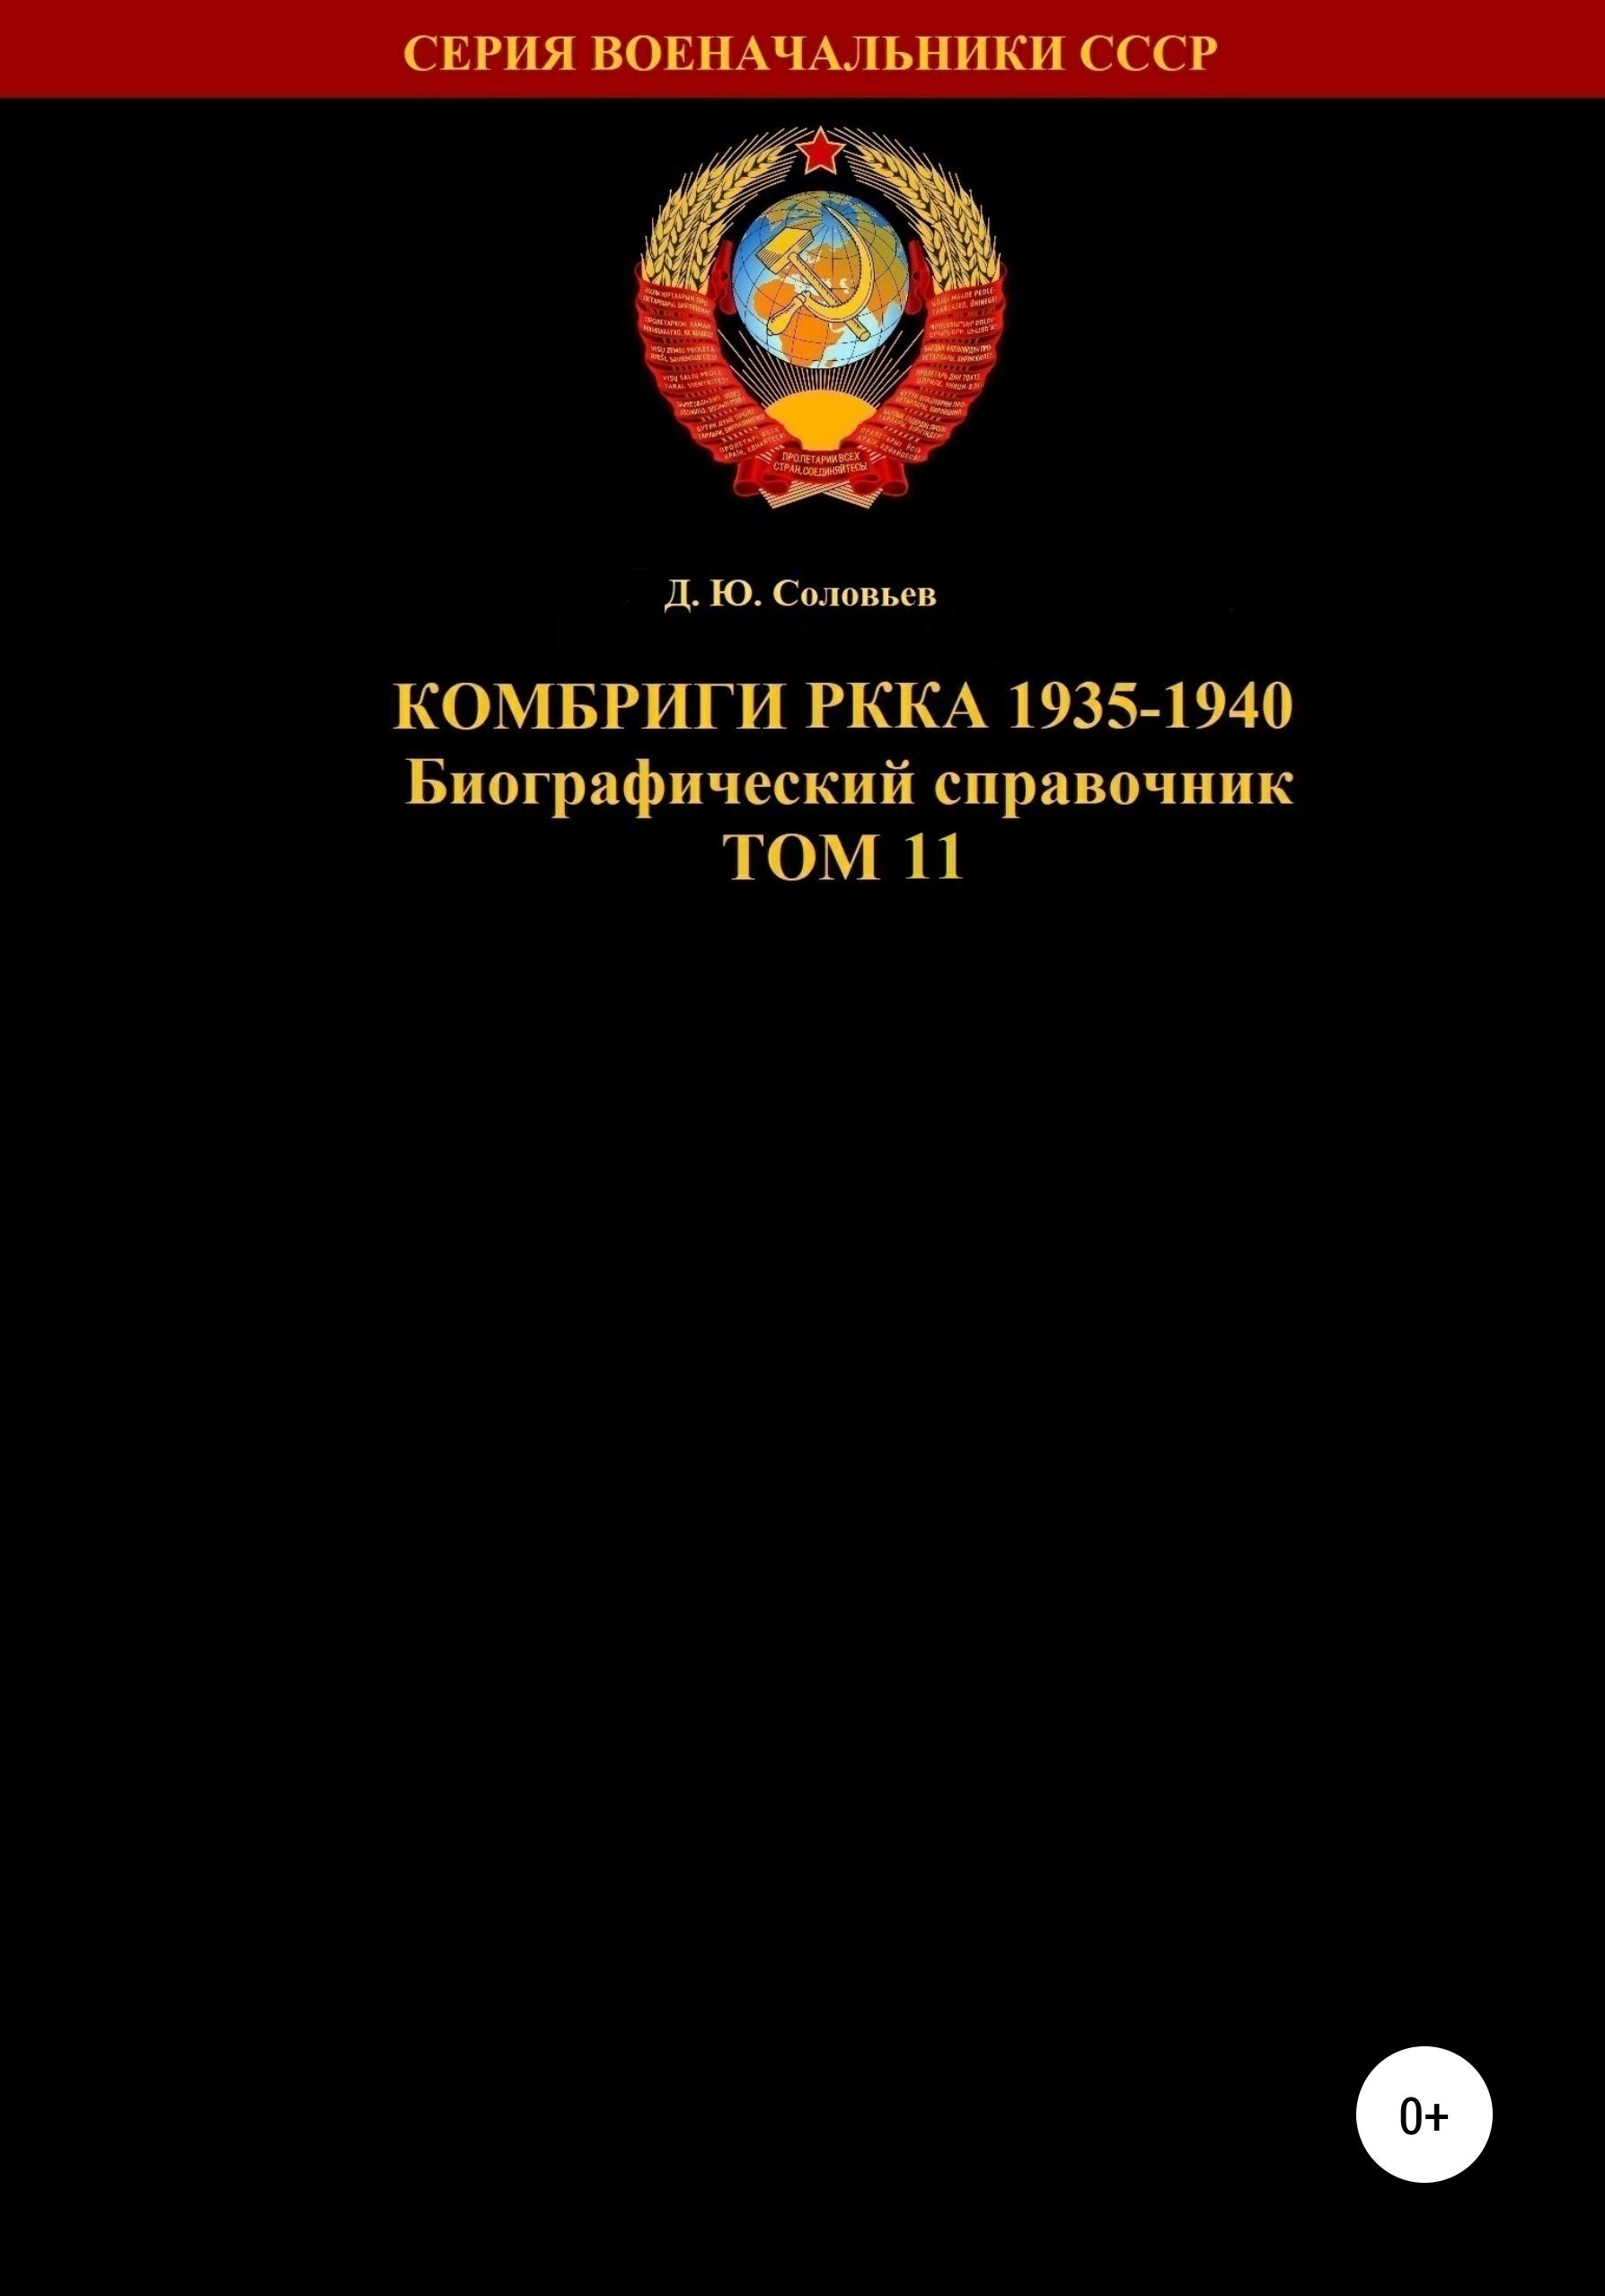 Комбриги РККА 1935-1940. Том 11